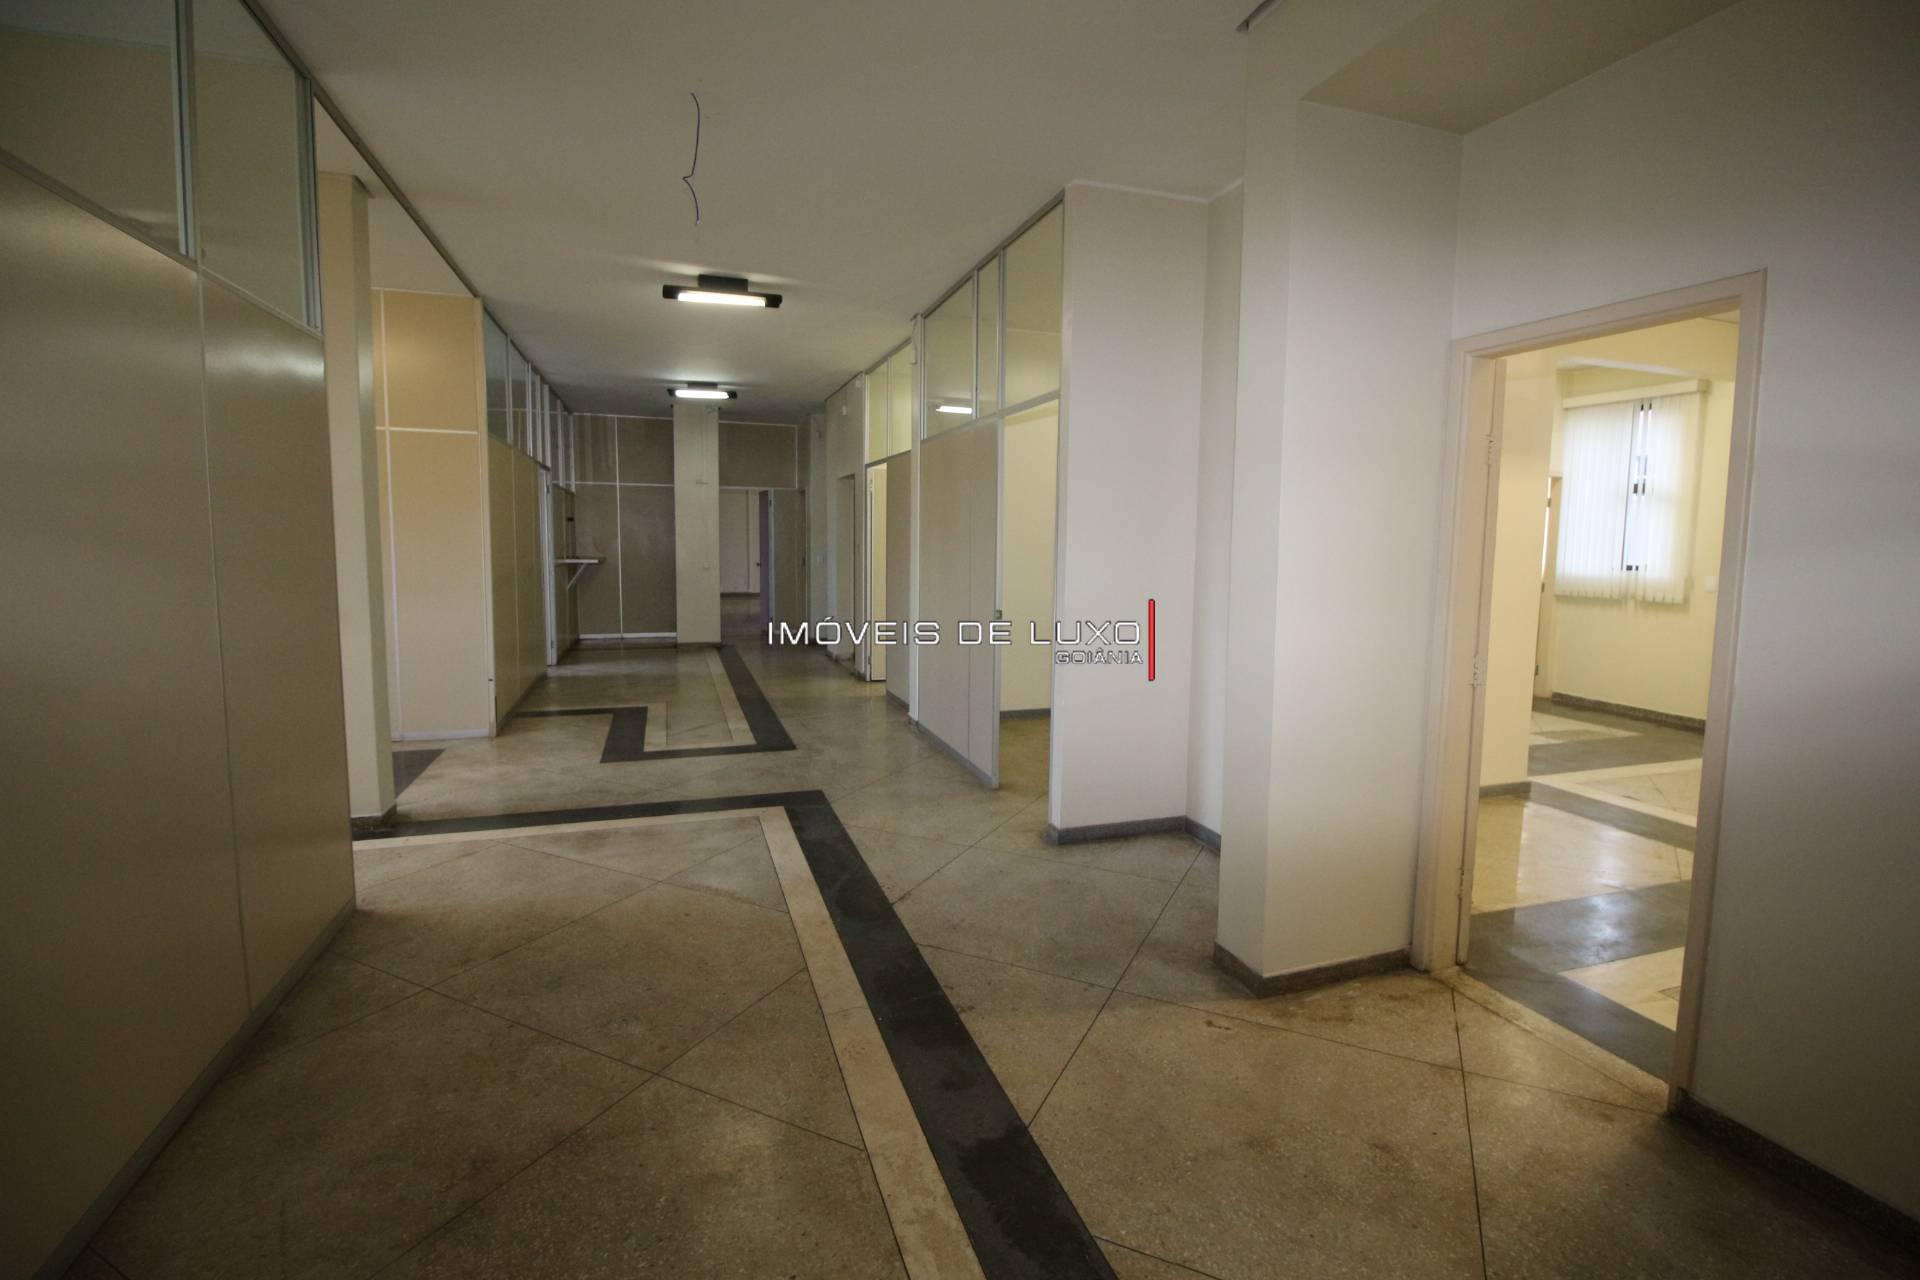 Imóveis de Luxo - Prédio Comercial com renda na T 10 com 4 Pavimentos